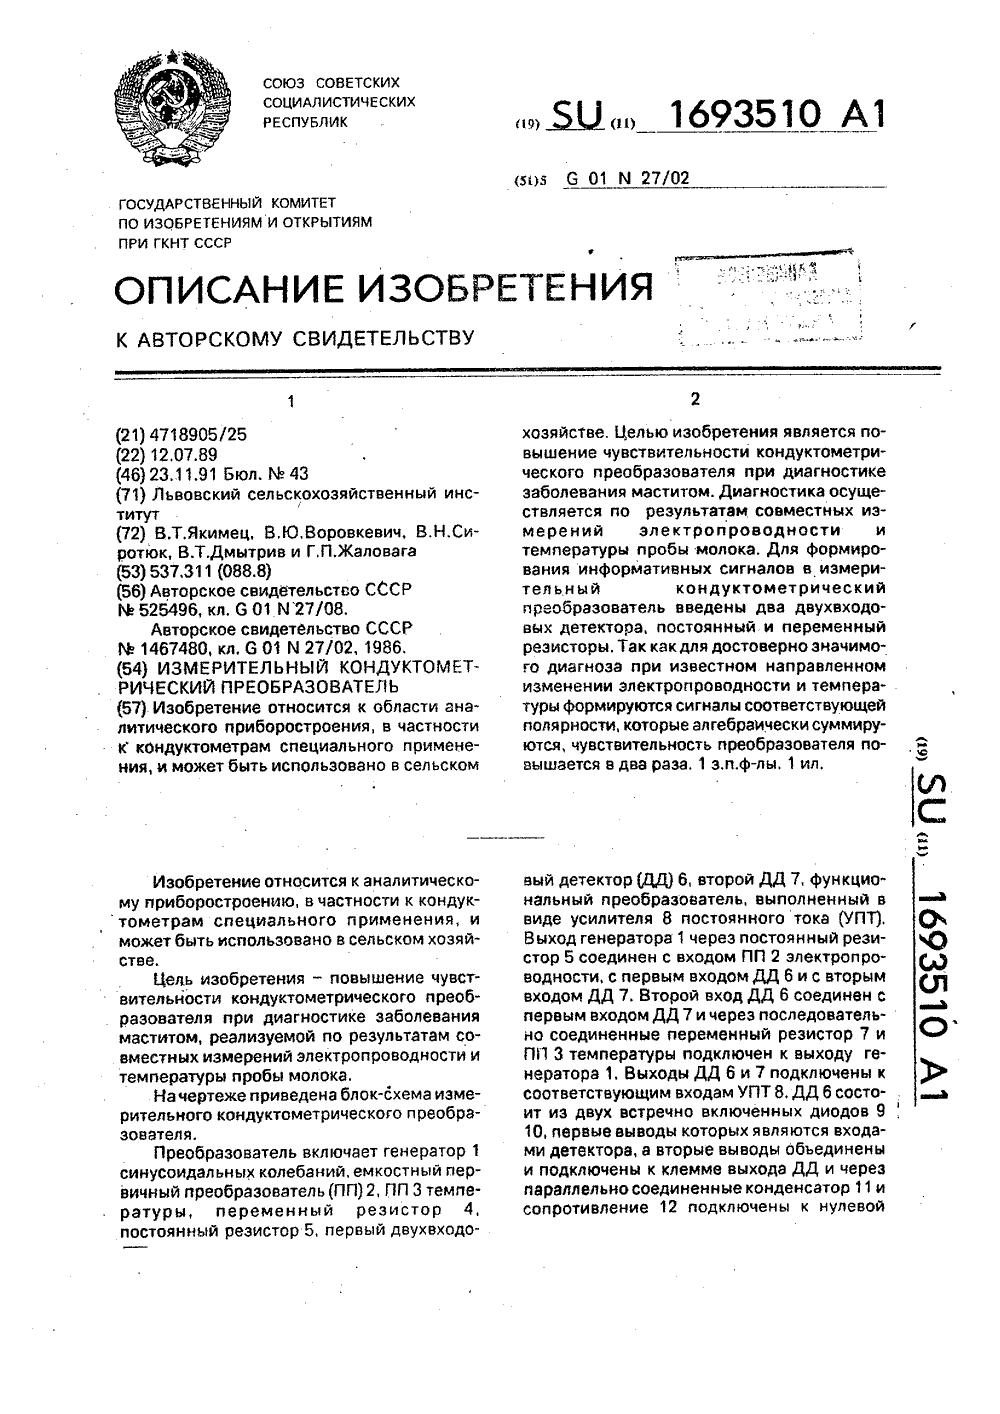 схема кондуктометрии